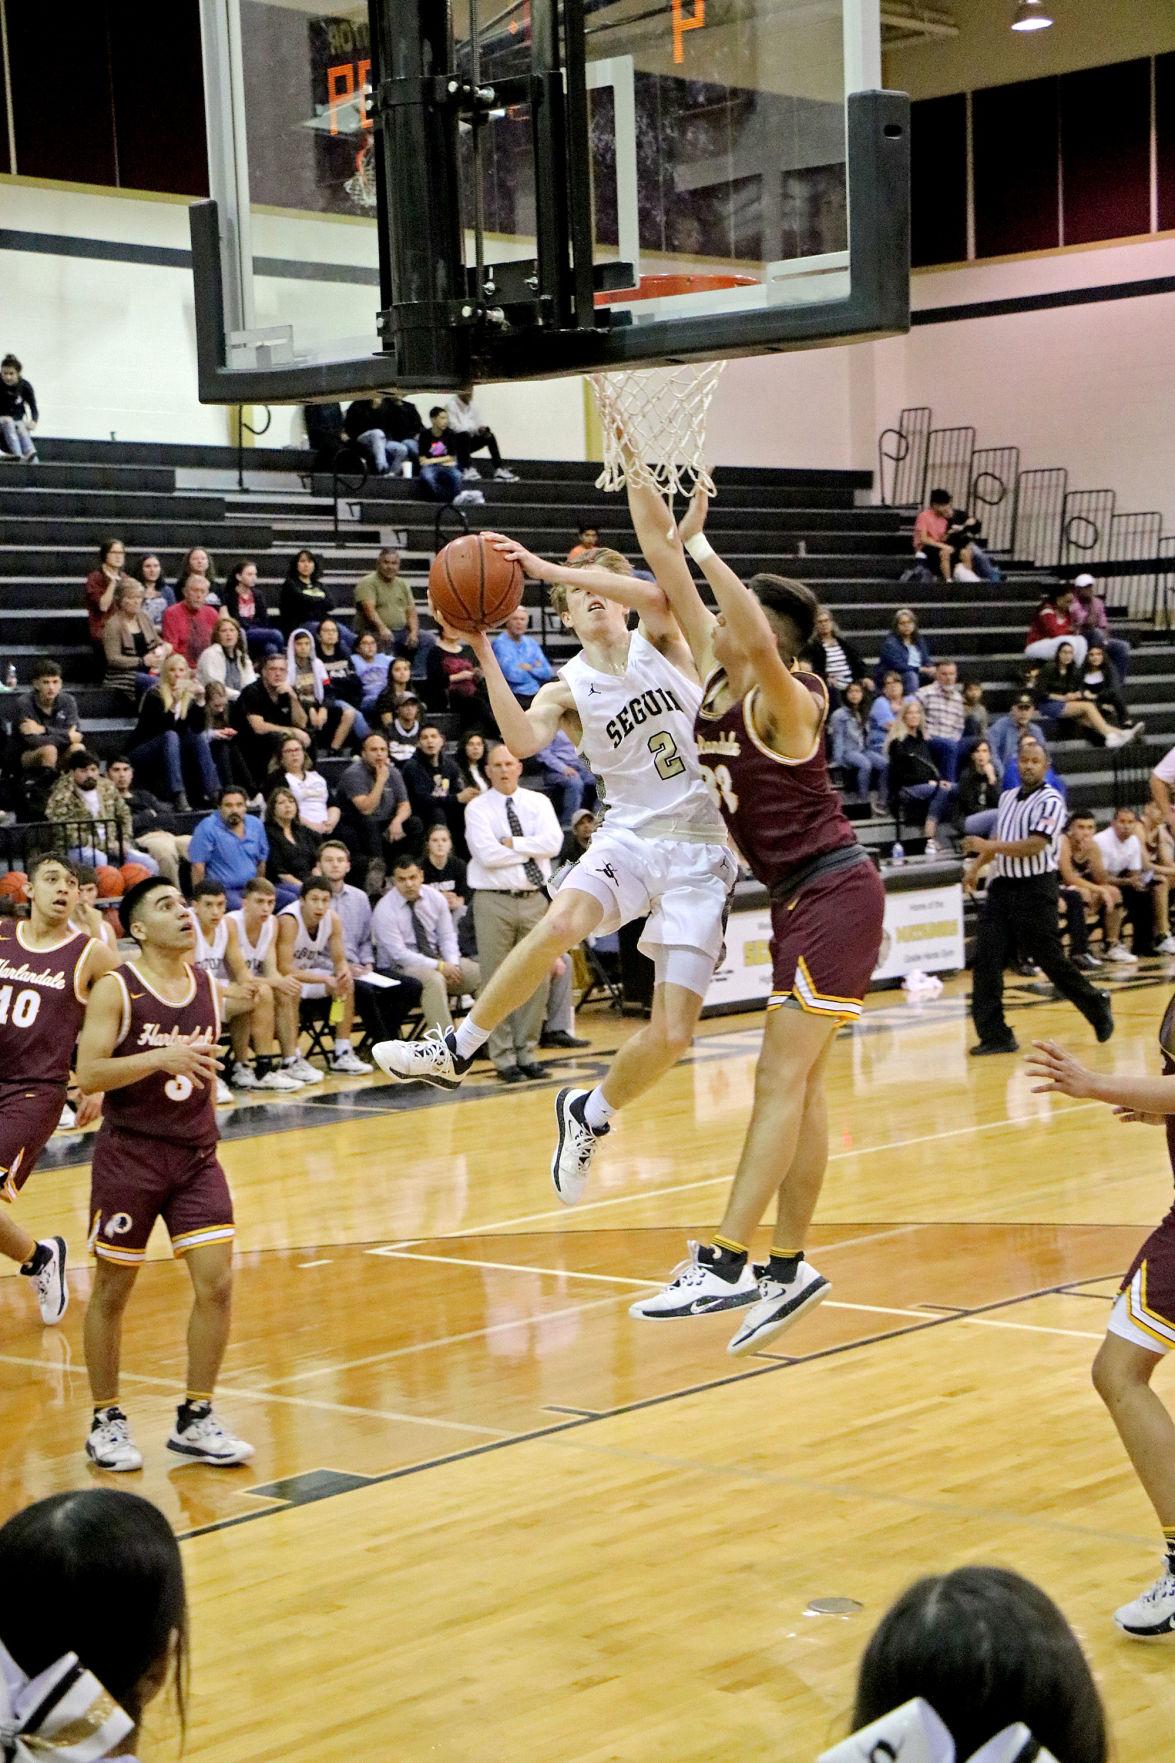 Seguin Matador Basketball